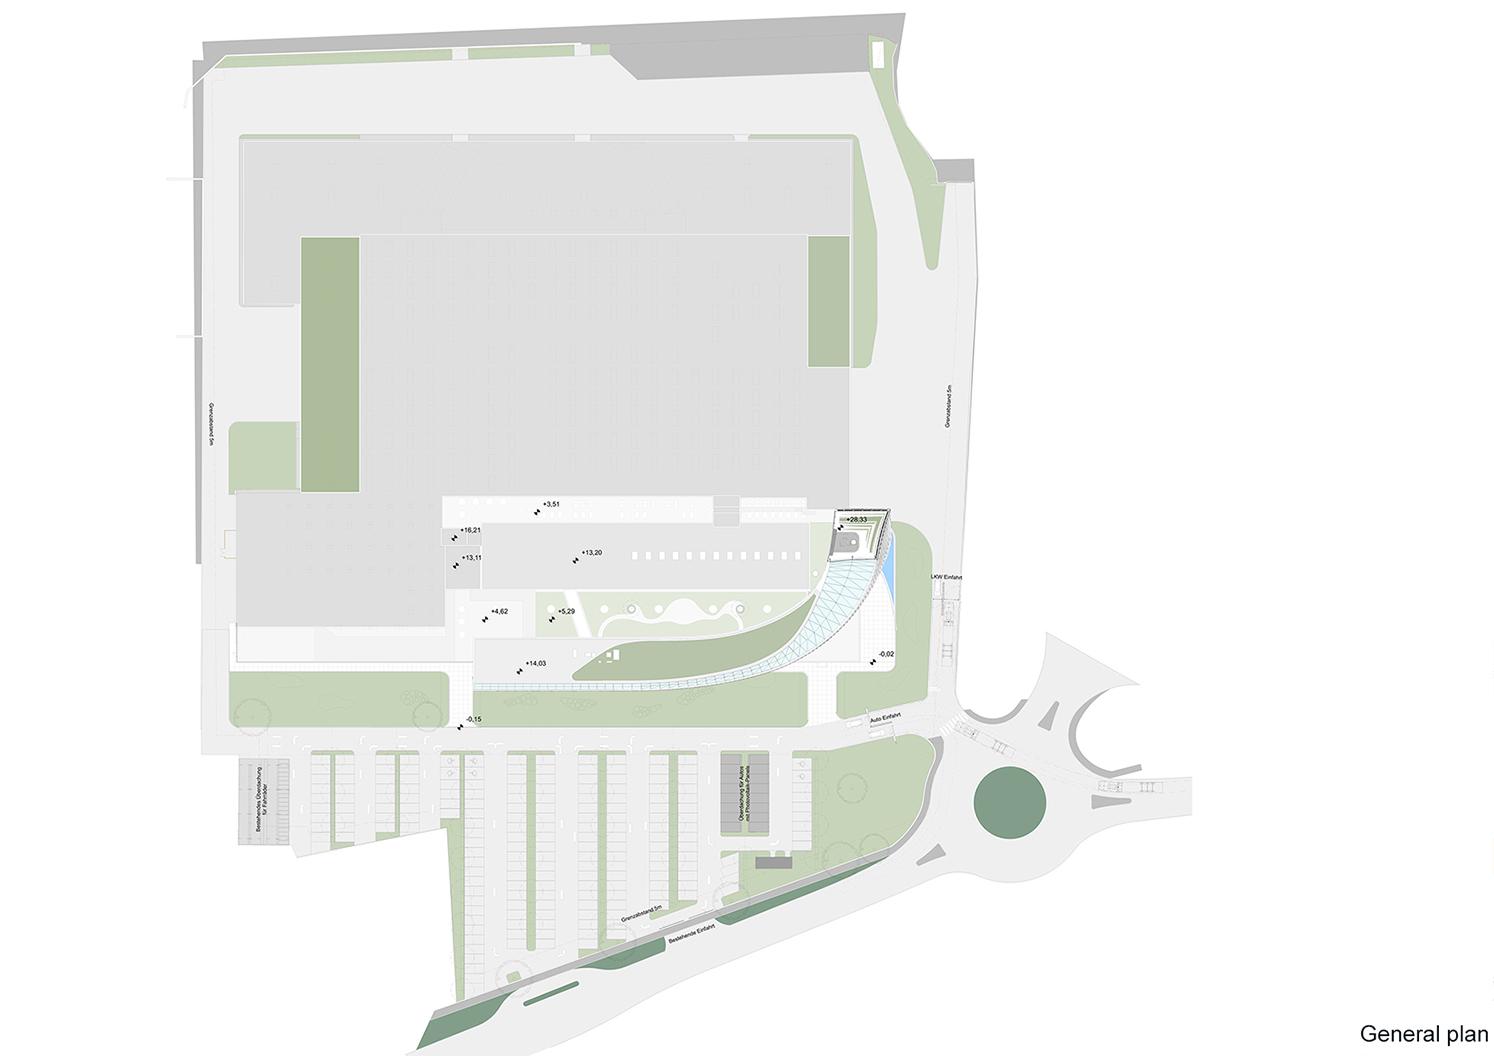 Planimetria monovolume architecture + design}